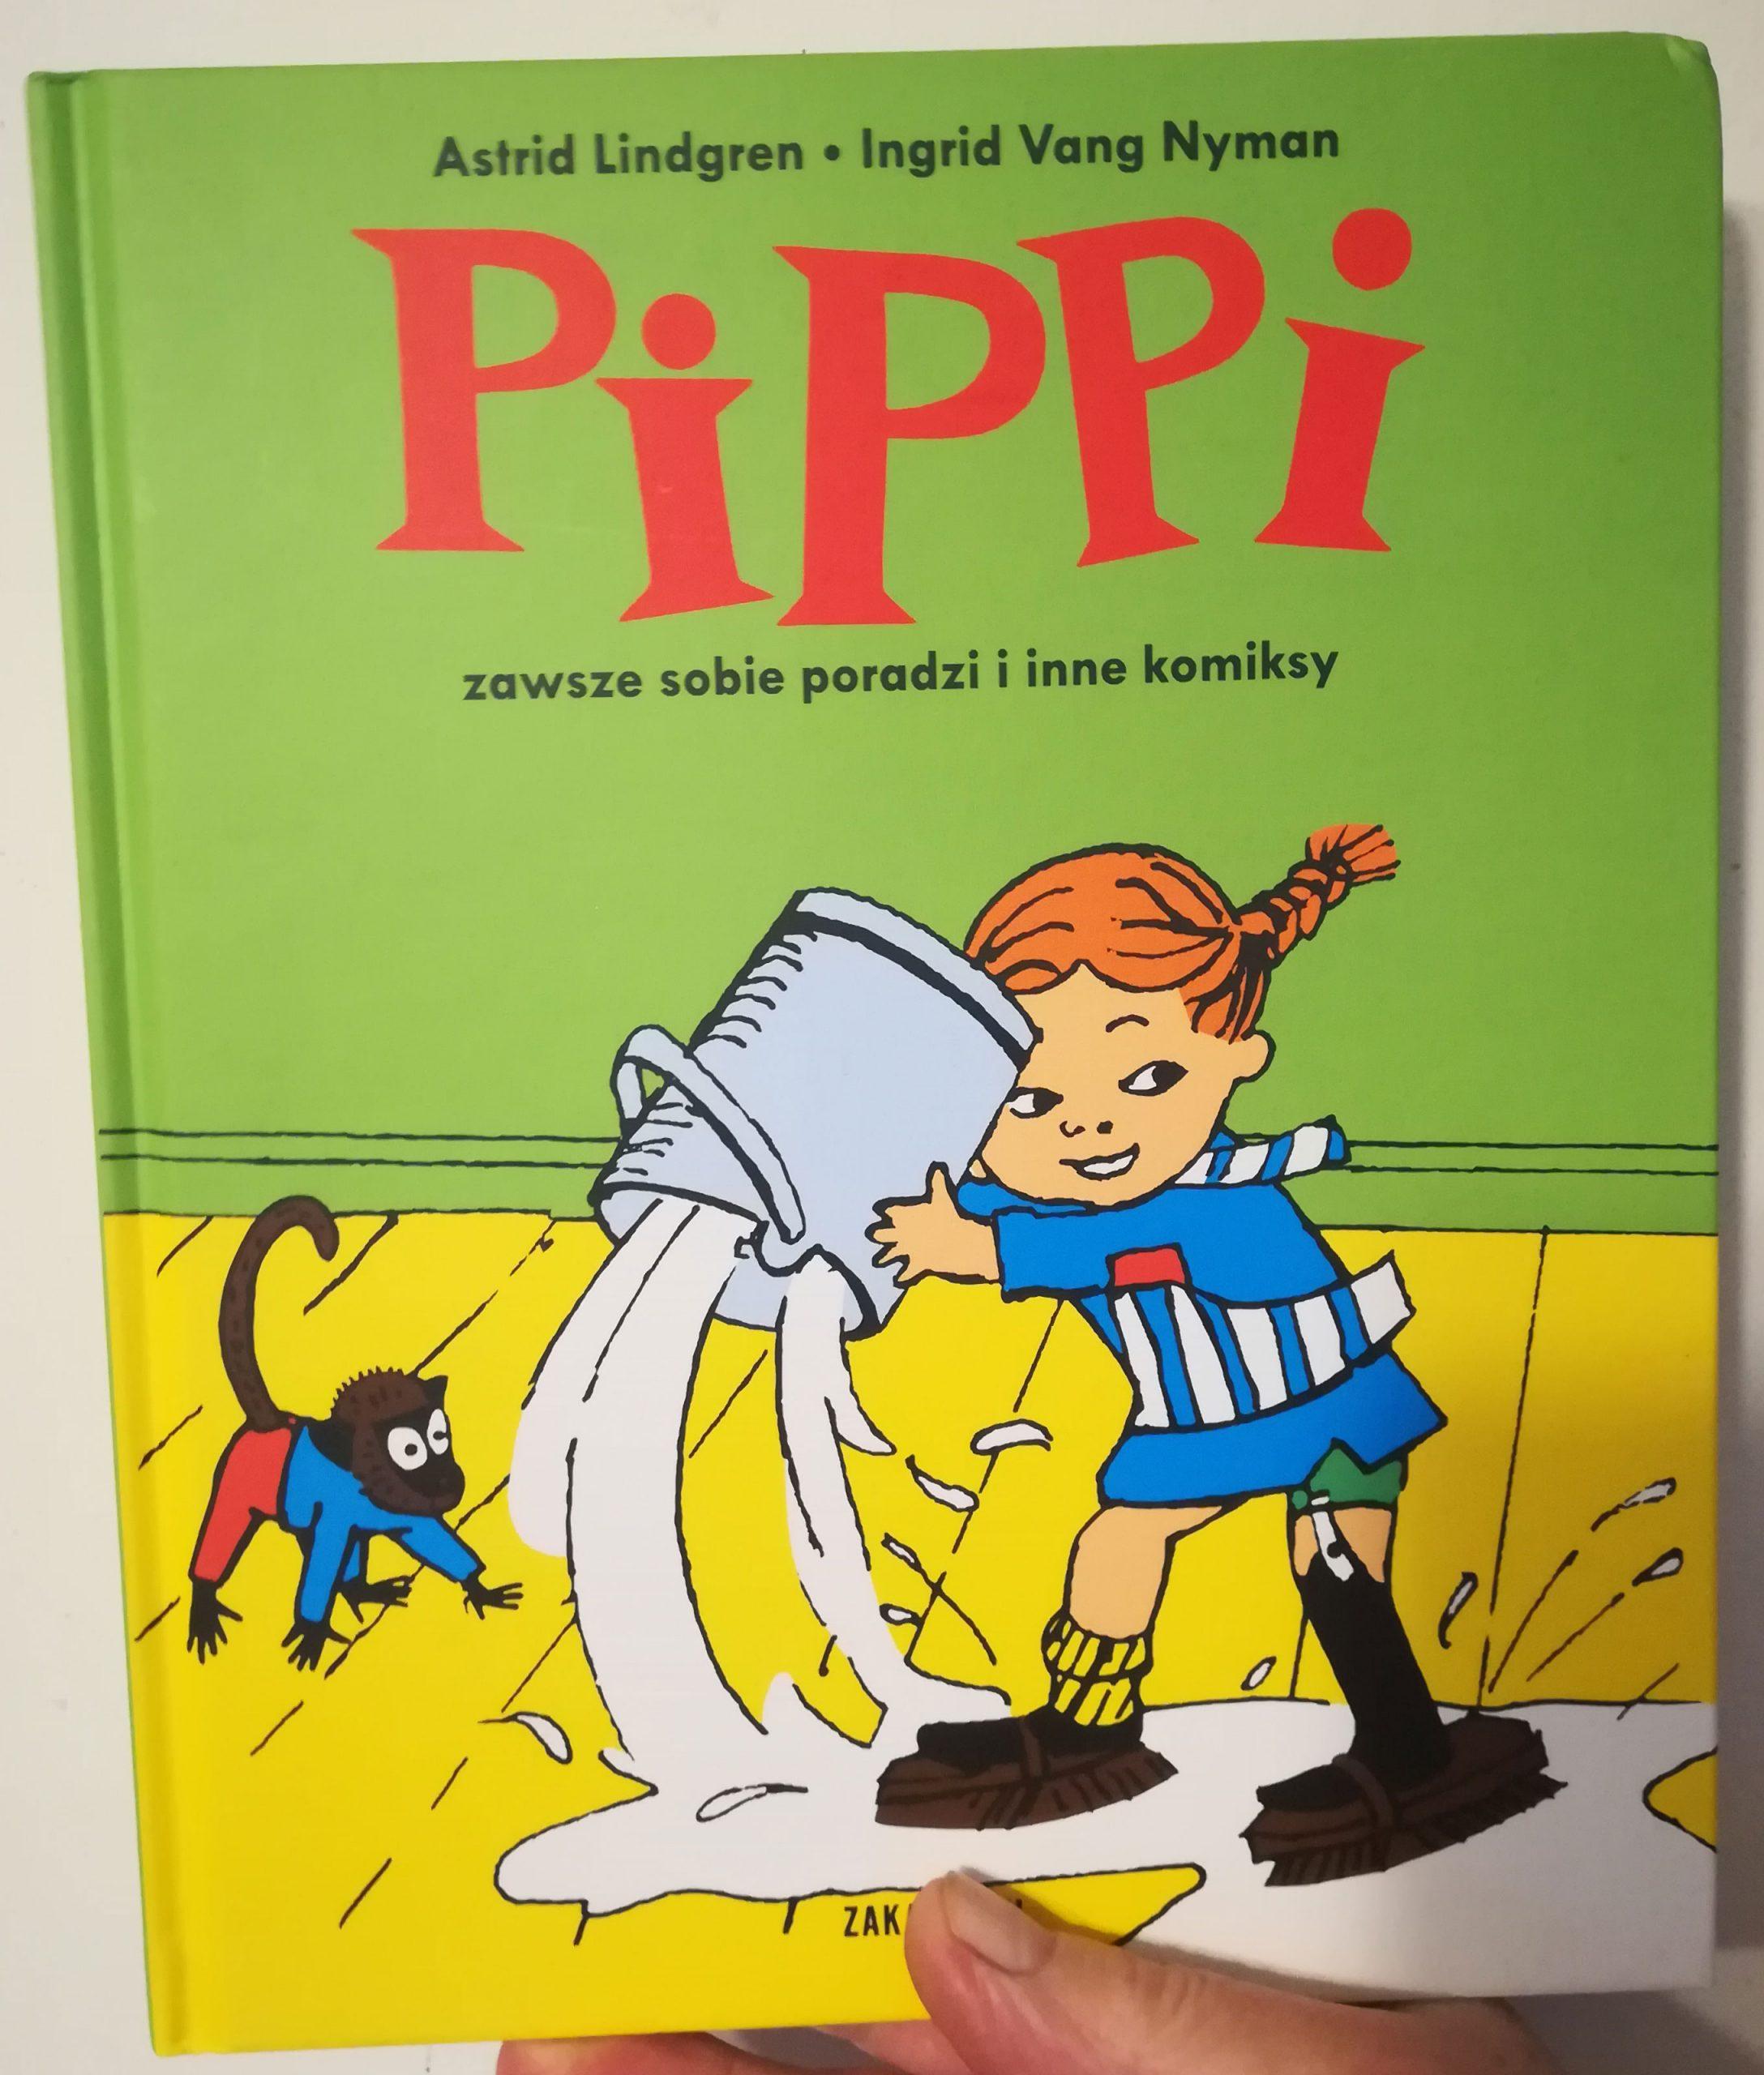 Pipi - zawsze sobie poradzi i inne komiksy